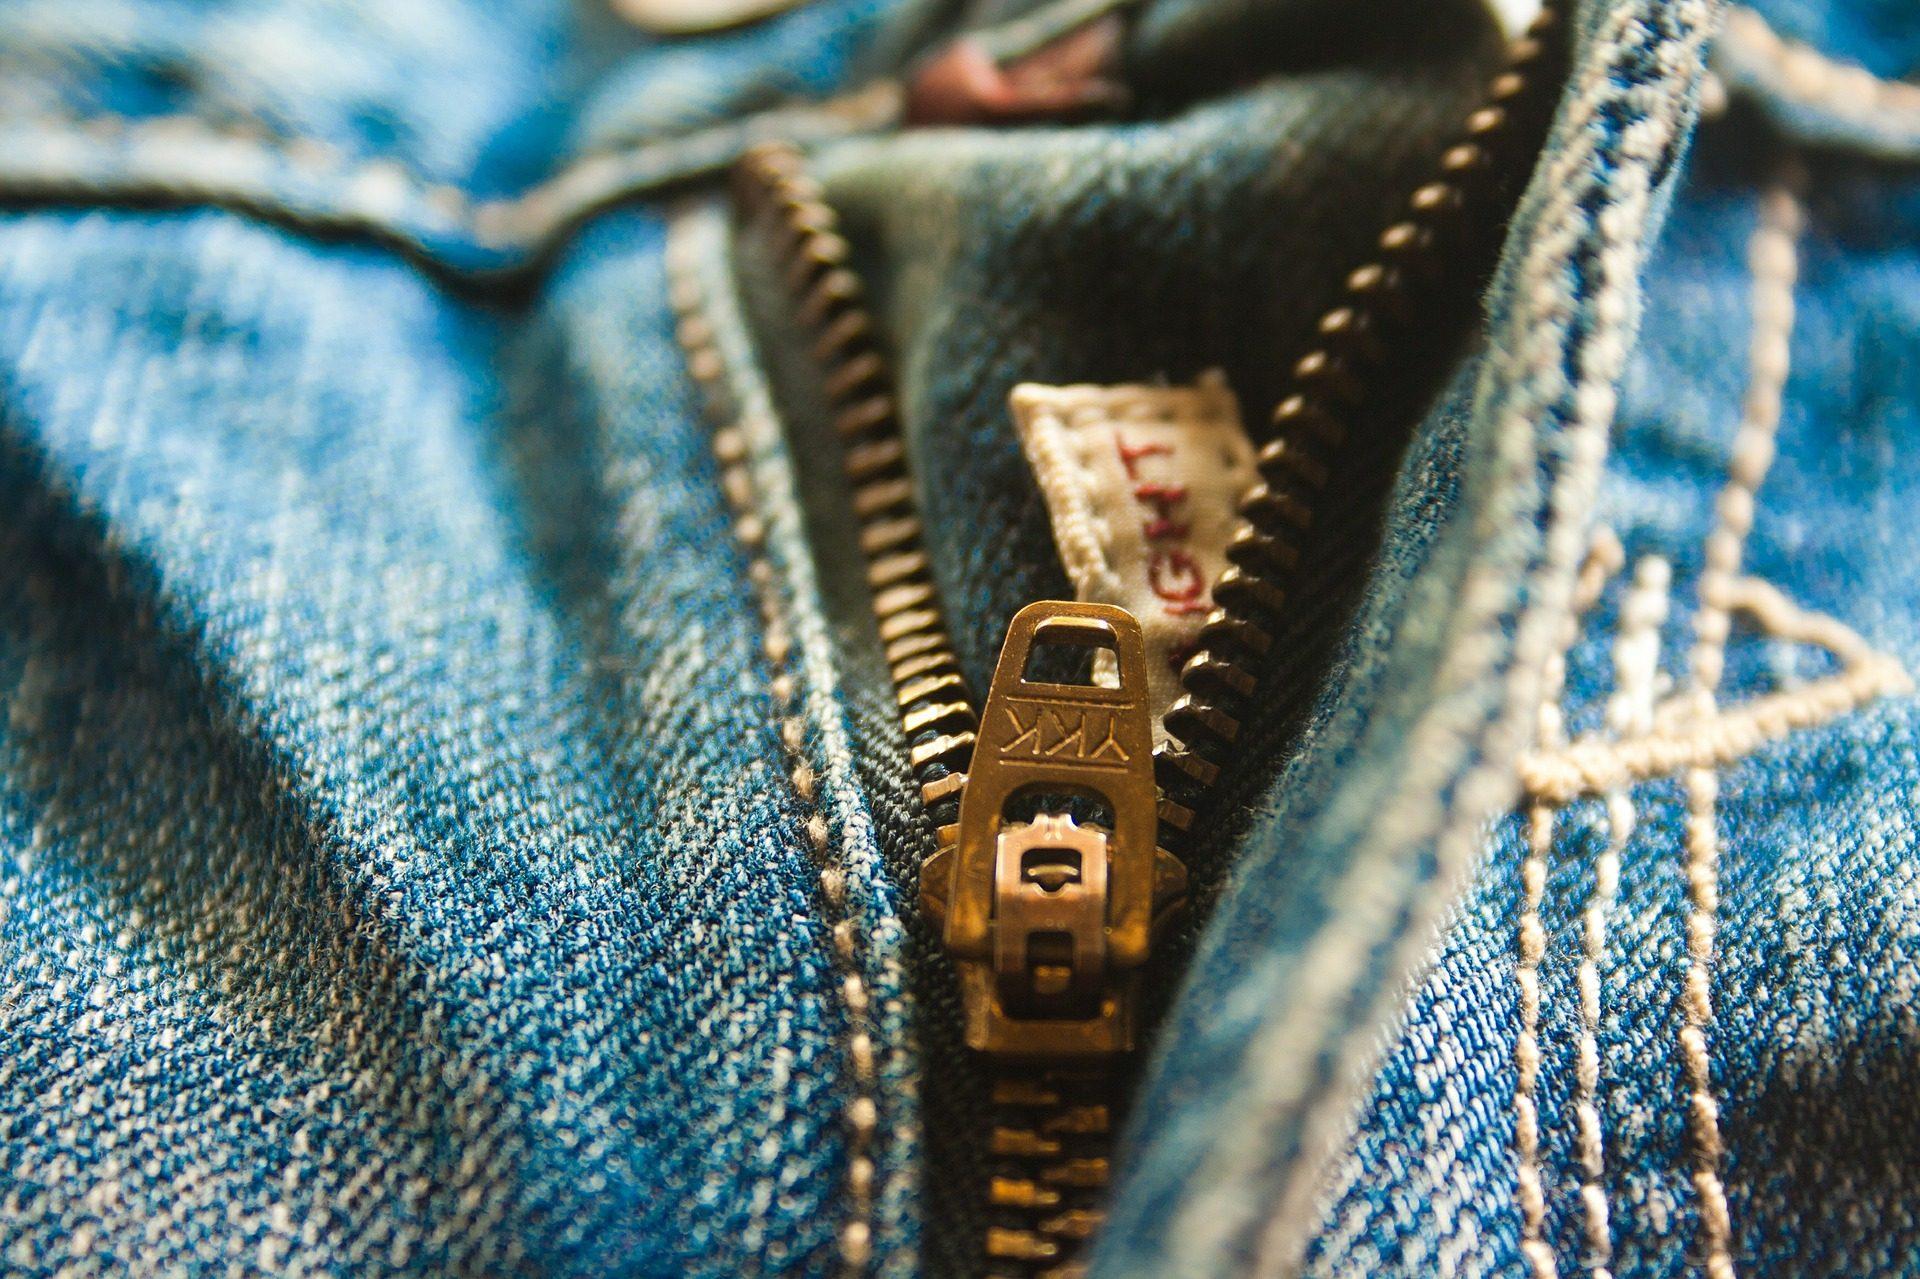 裤子, 牛仔, 拉链, 关闭, 牛仔裤 - 高清壁纸 - 教授-falken.com